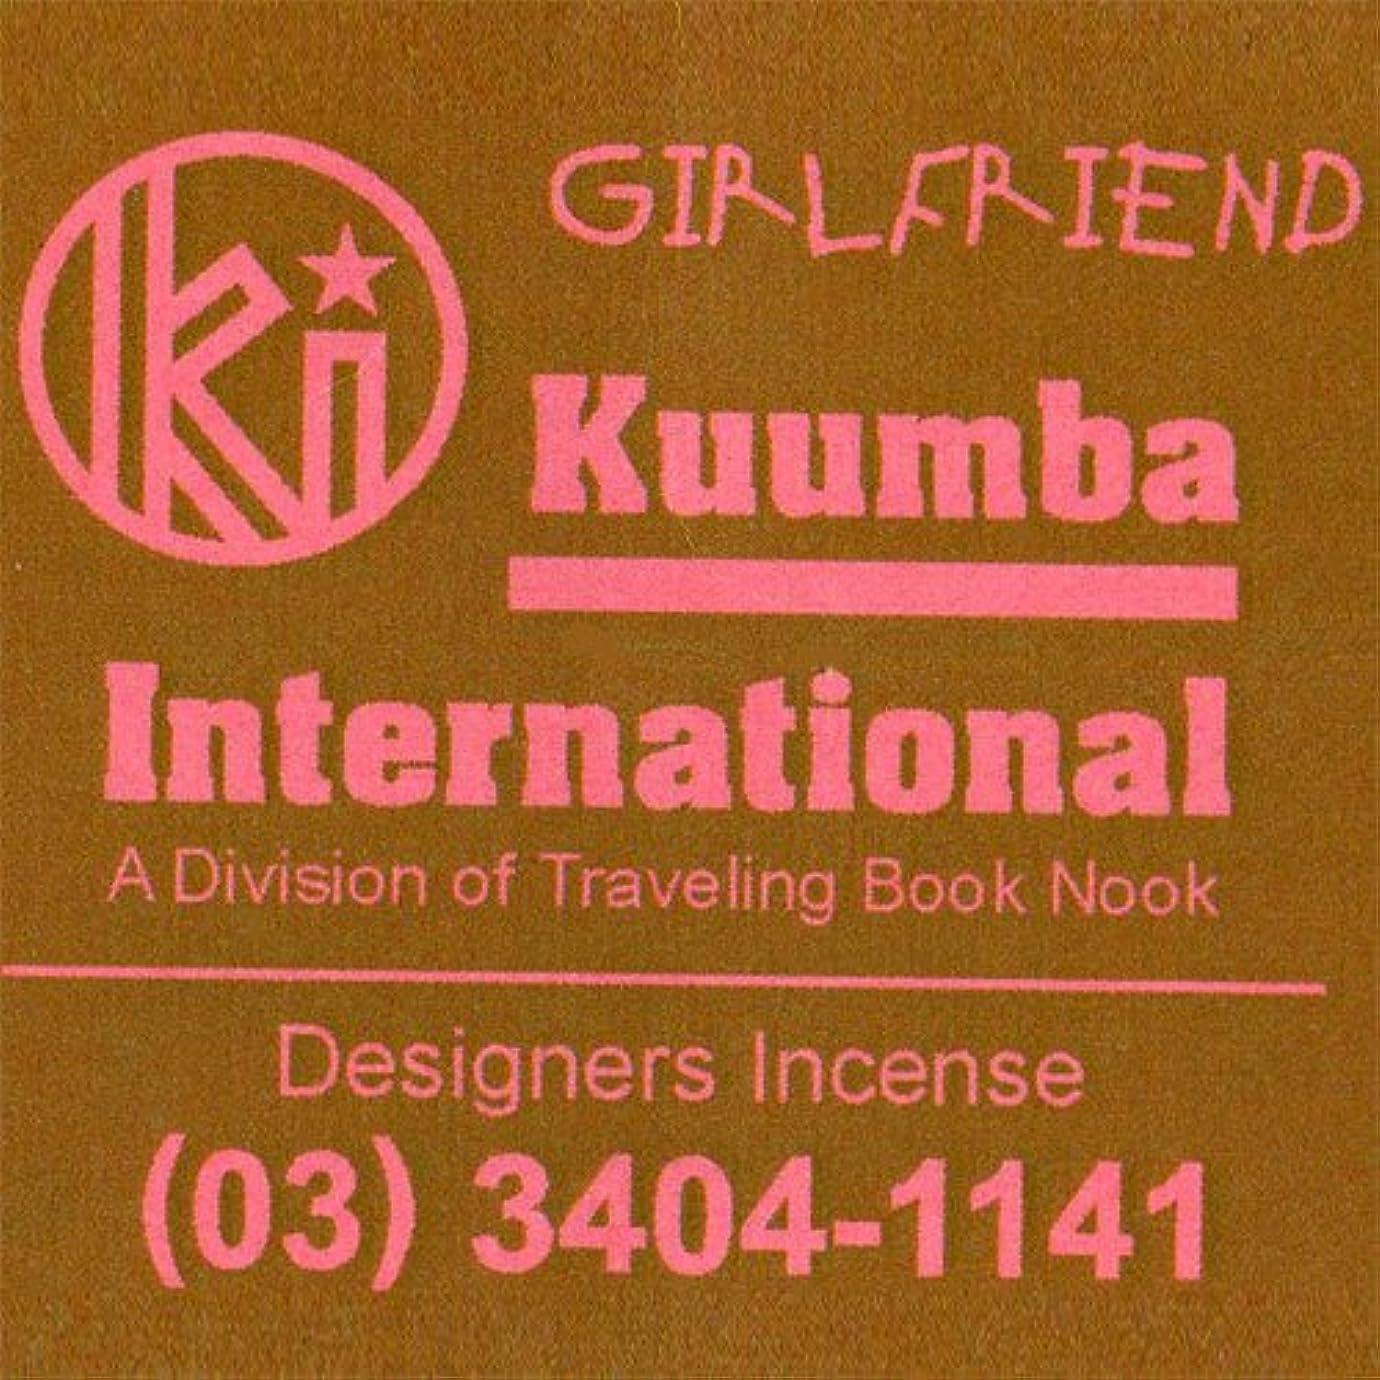 漏れ免疫する醸造所KUUMBA / クンバ『incense』(GIRL FRIEND) (Regular size)